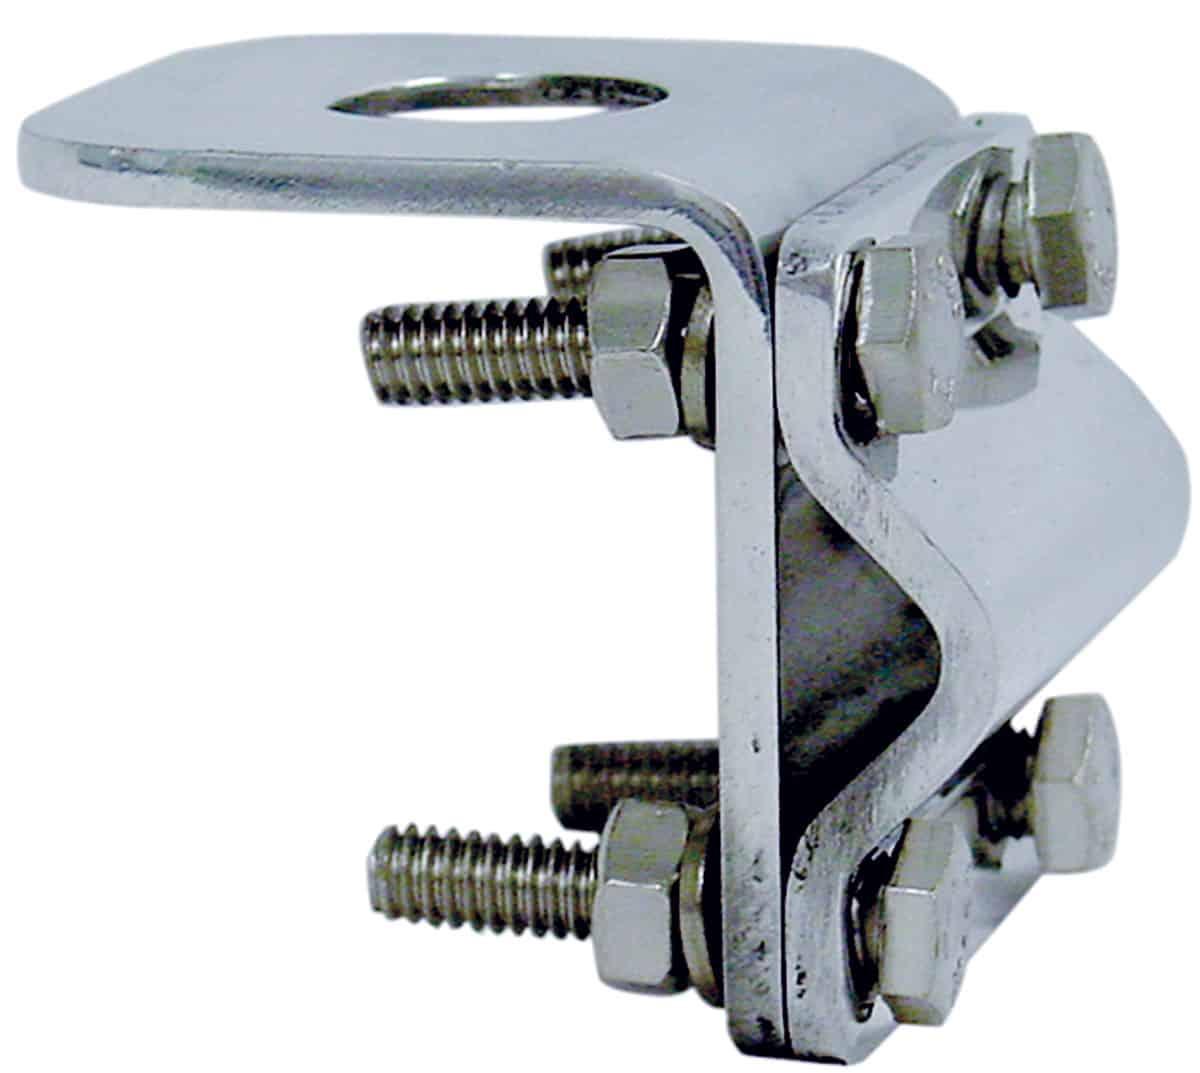 KSSMM34 - Kalibur Stainless Steel 3-Way Mirror Mount for Antenna